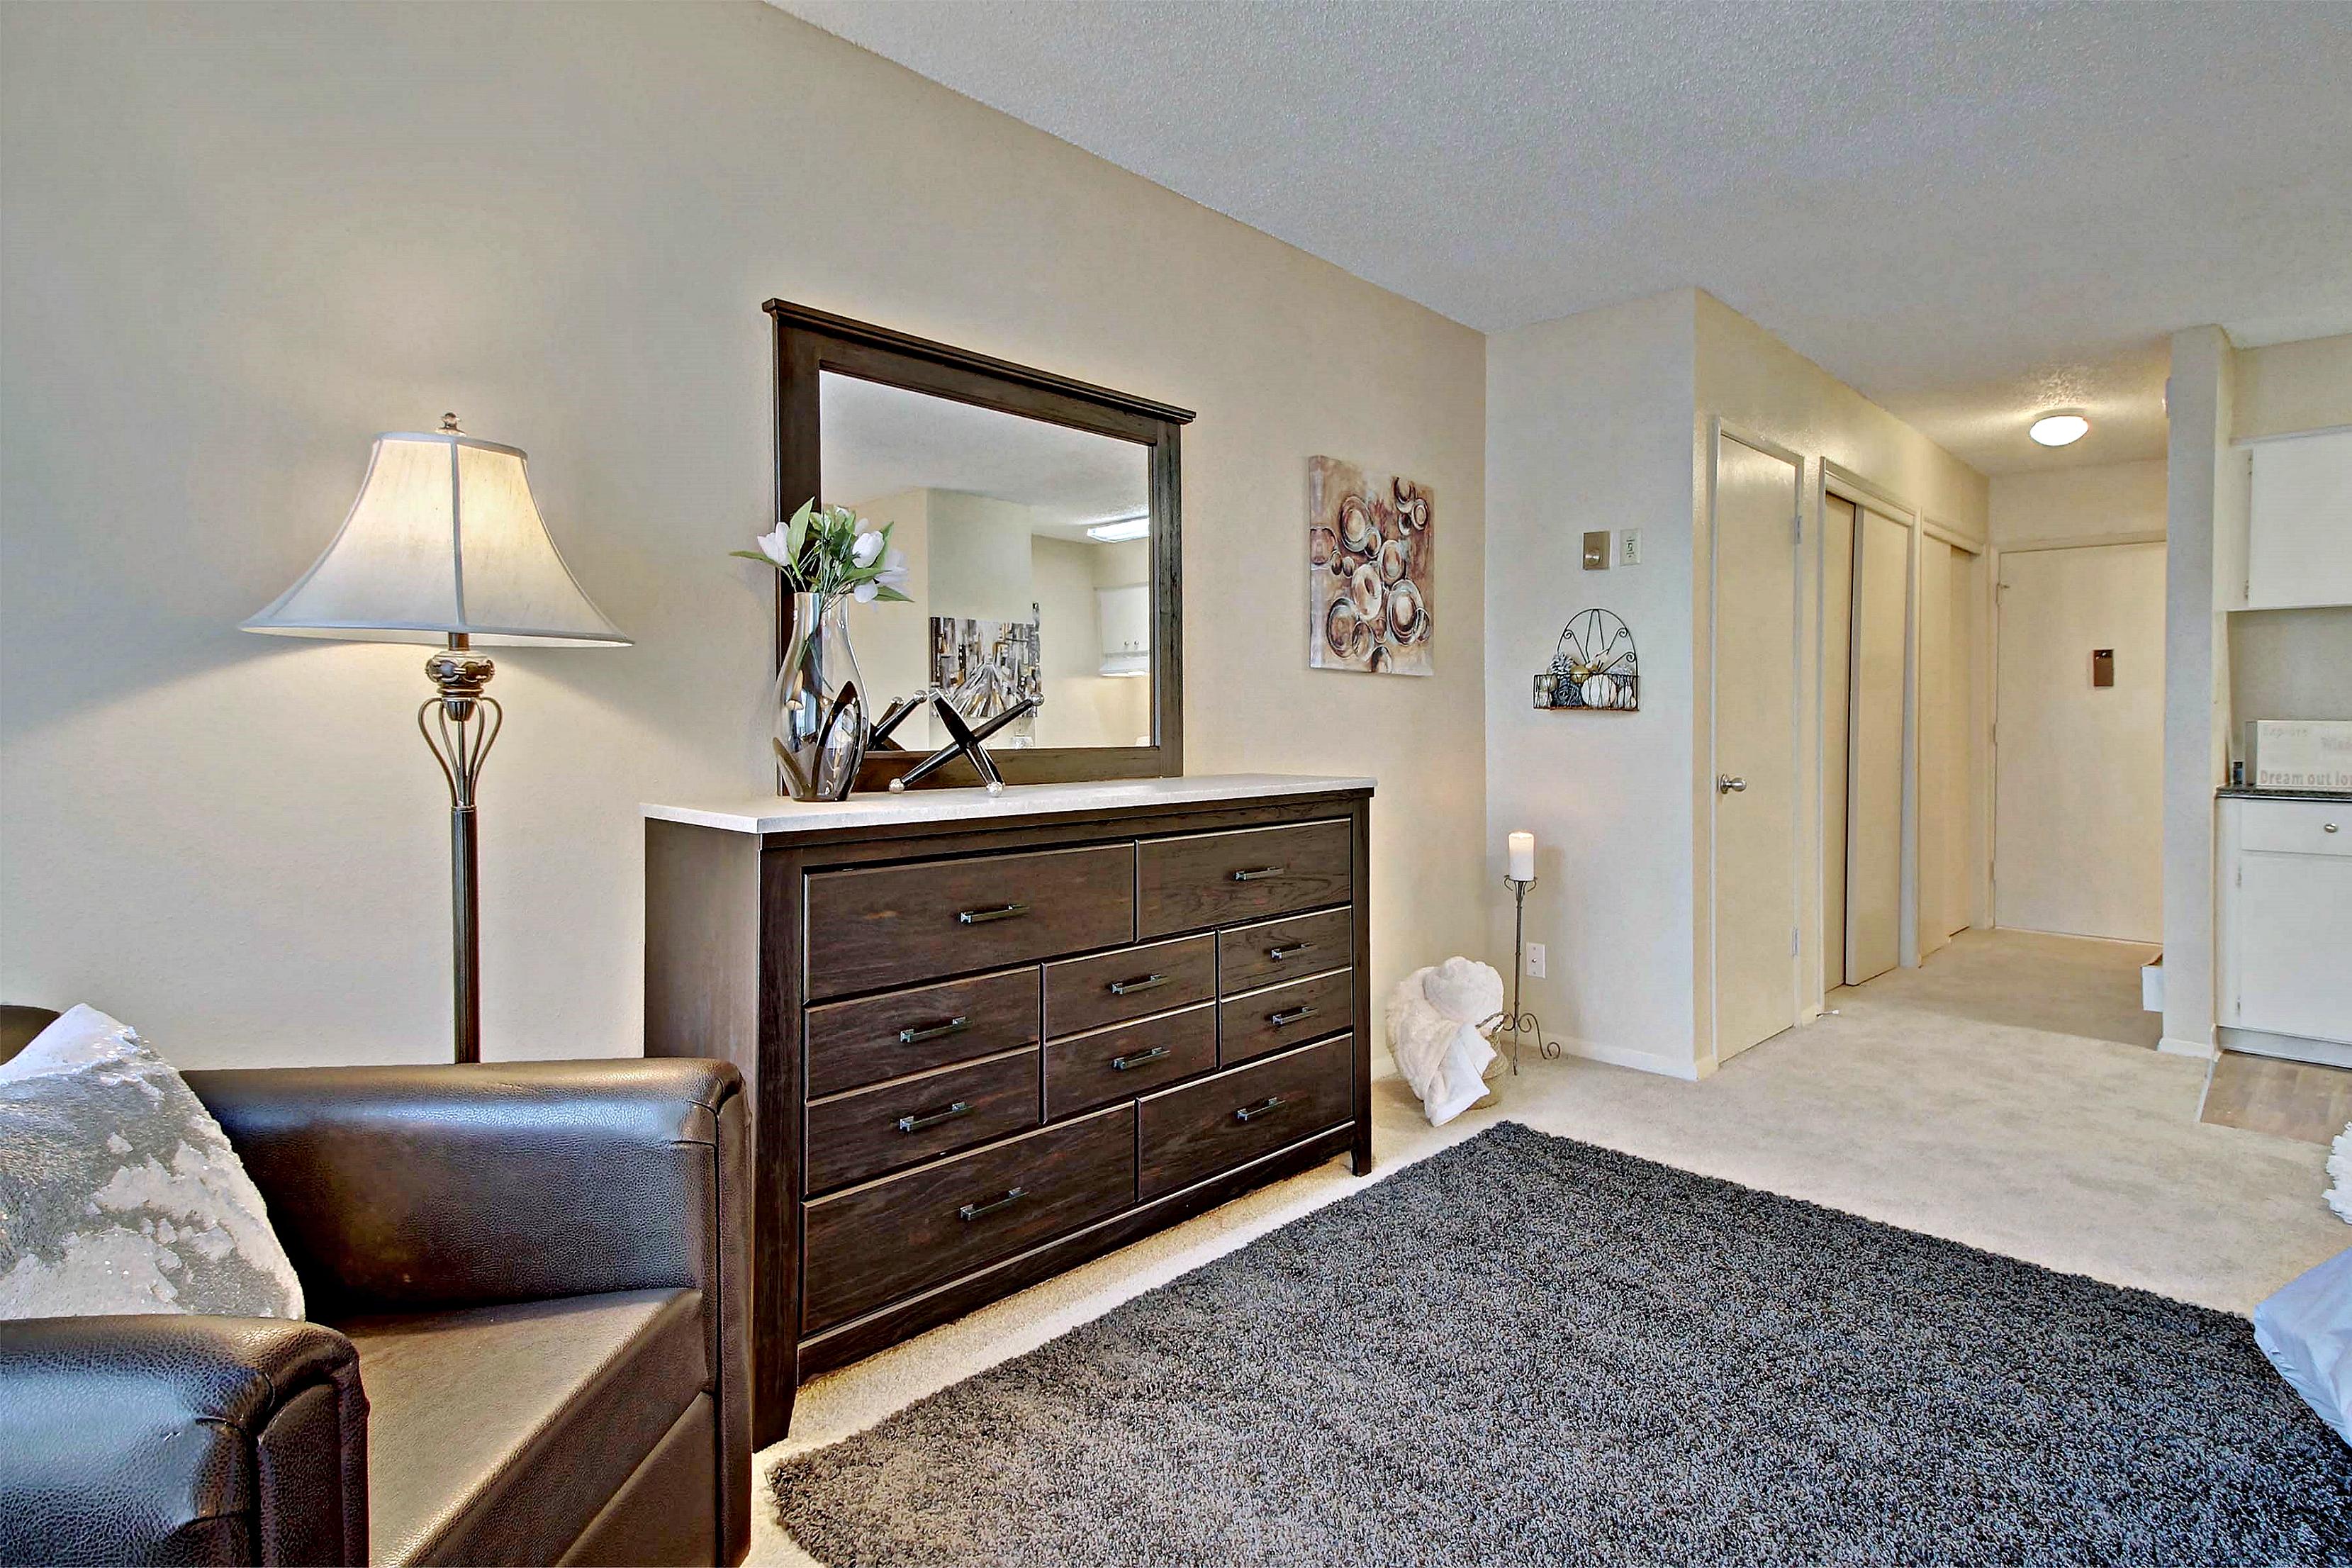 1 Bedroom Apartments In Okc | Hudson Warren Properties